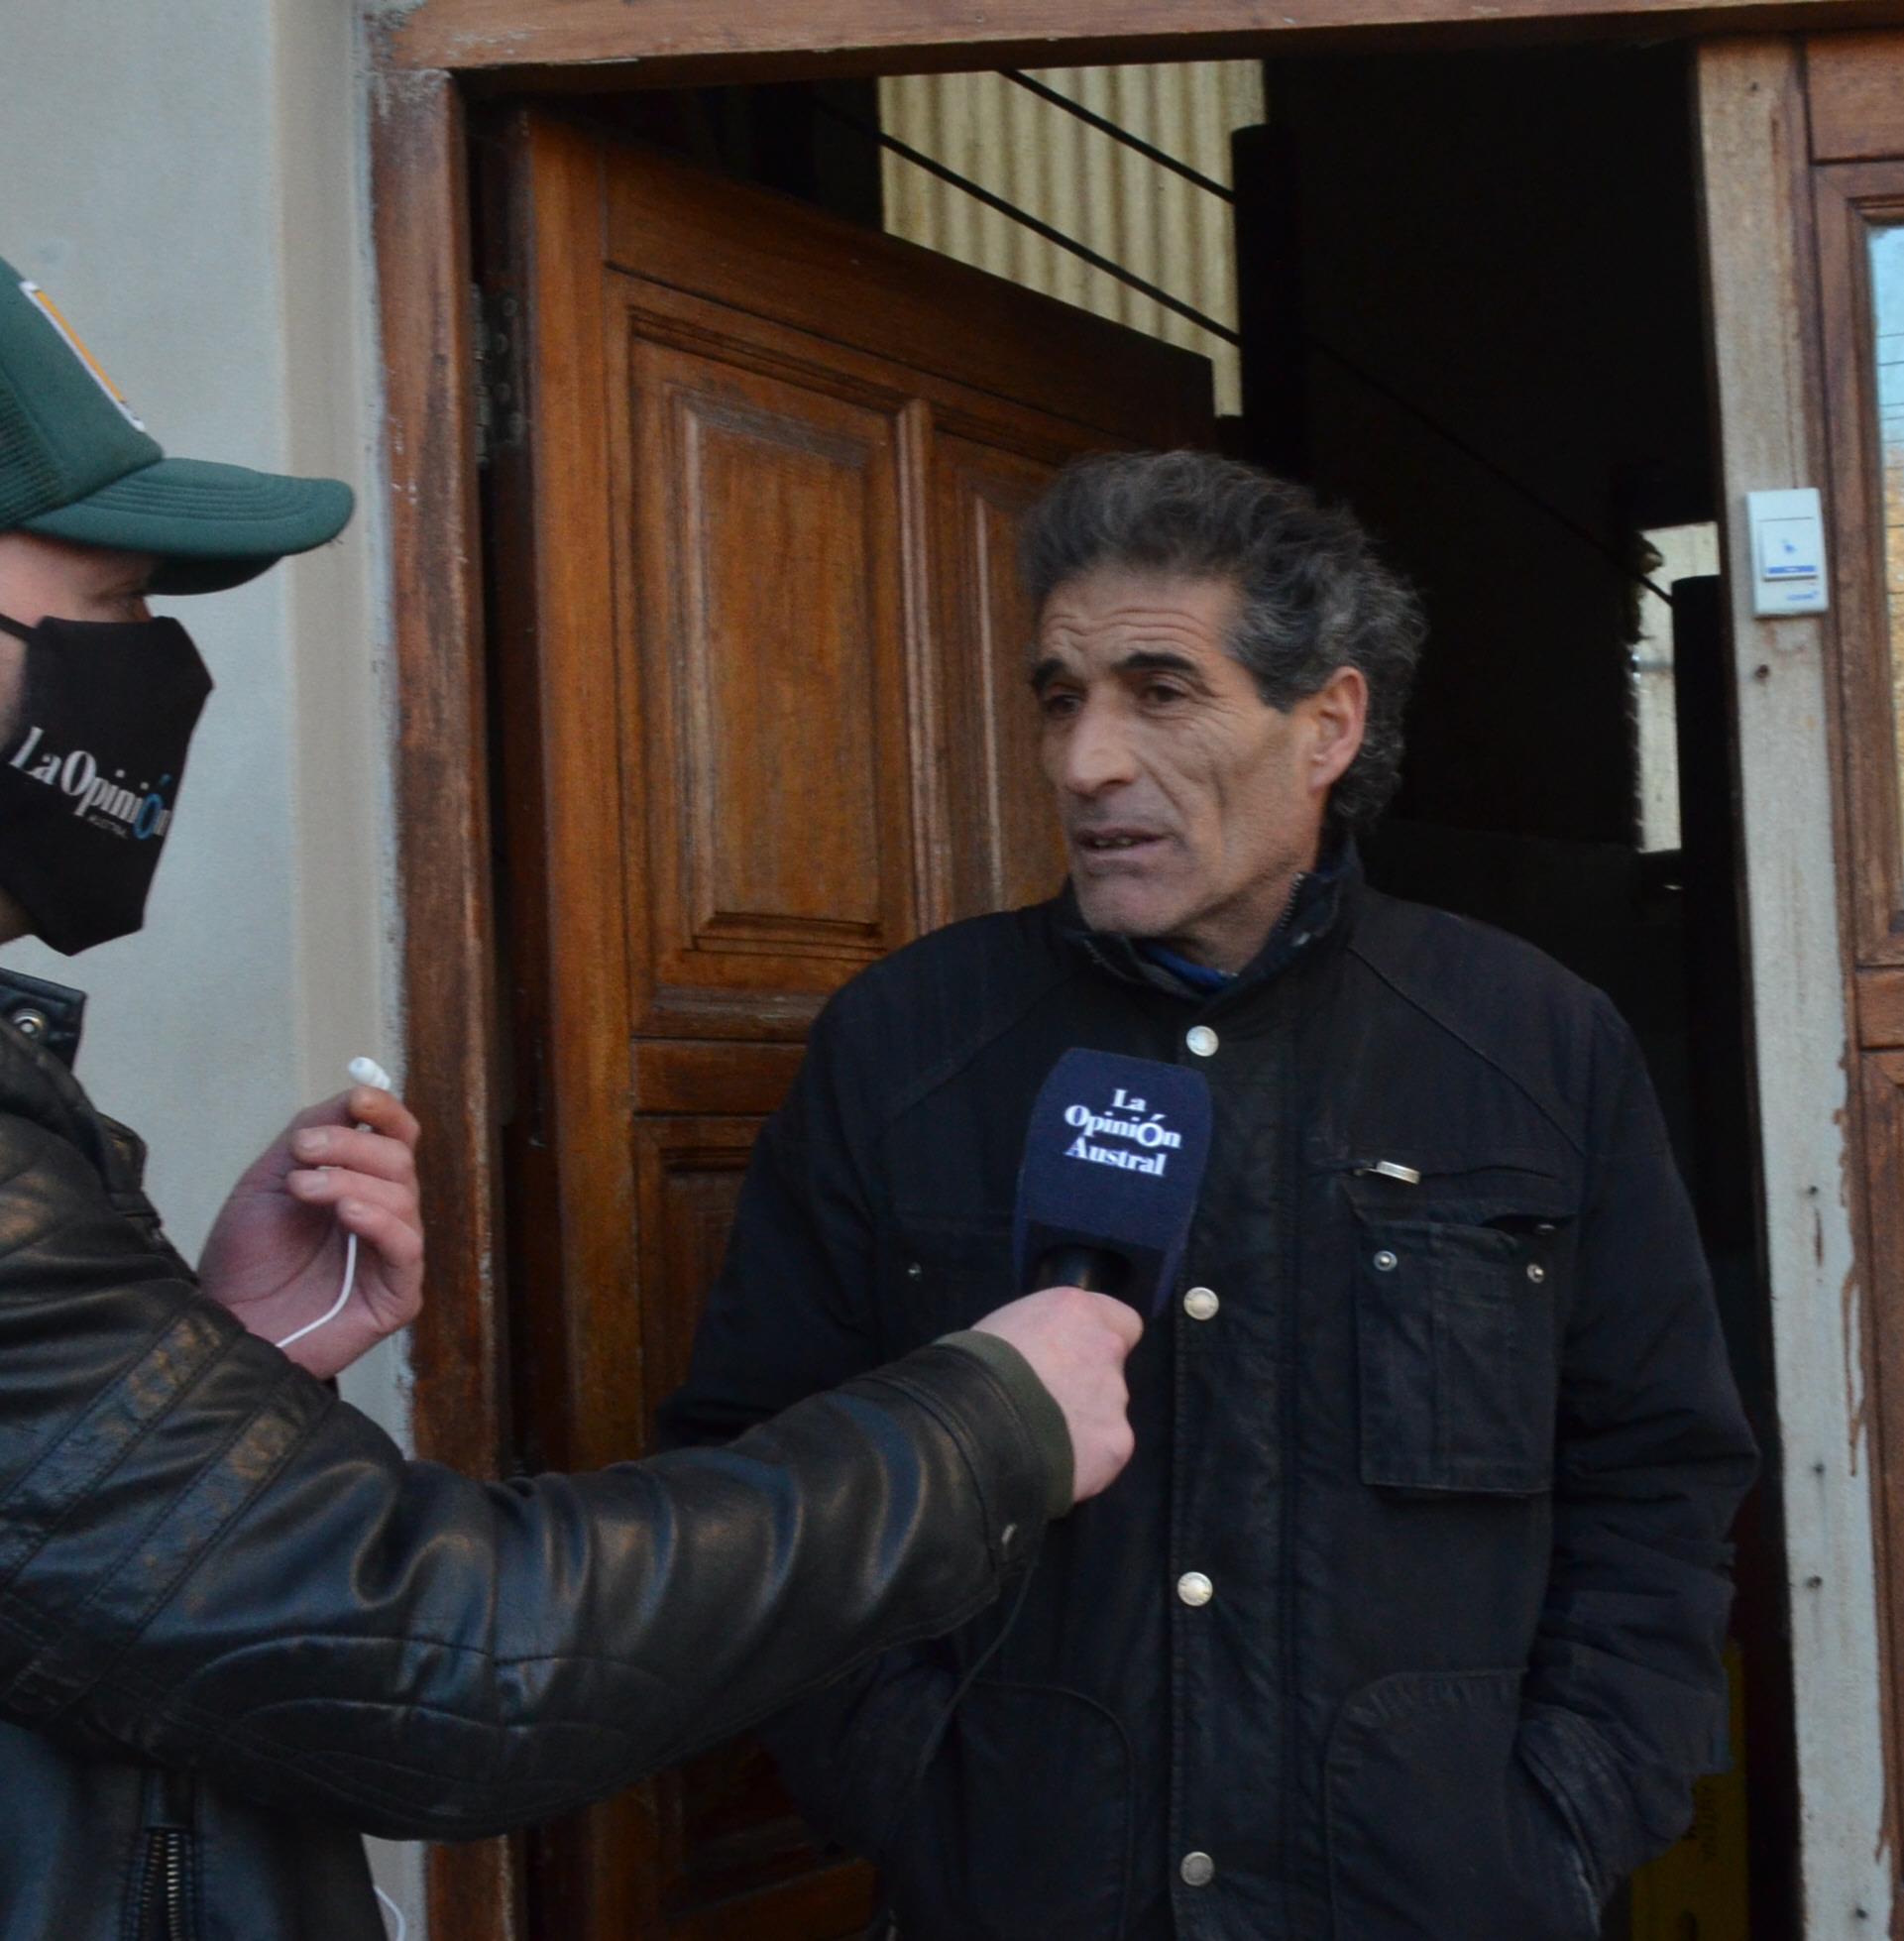 Inocencia. 'No tengo miedo de ir preso', dijo Balado. FOTO: JOSÉ SILVA / LA OPINIÓN AUSTRAL